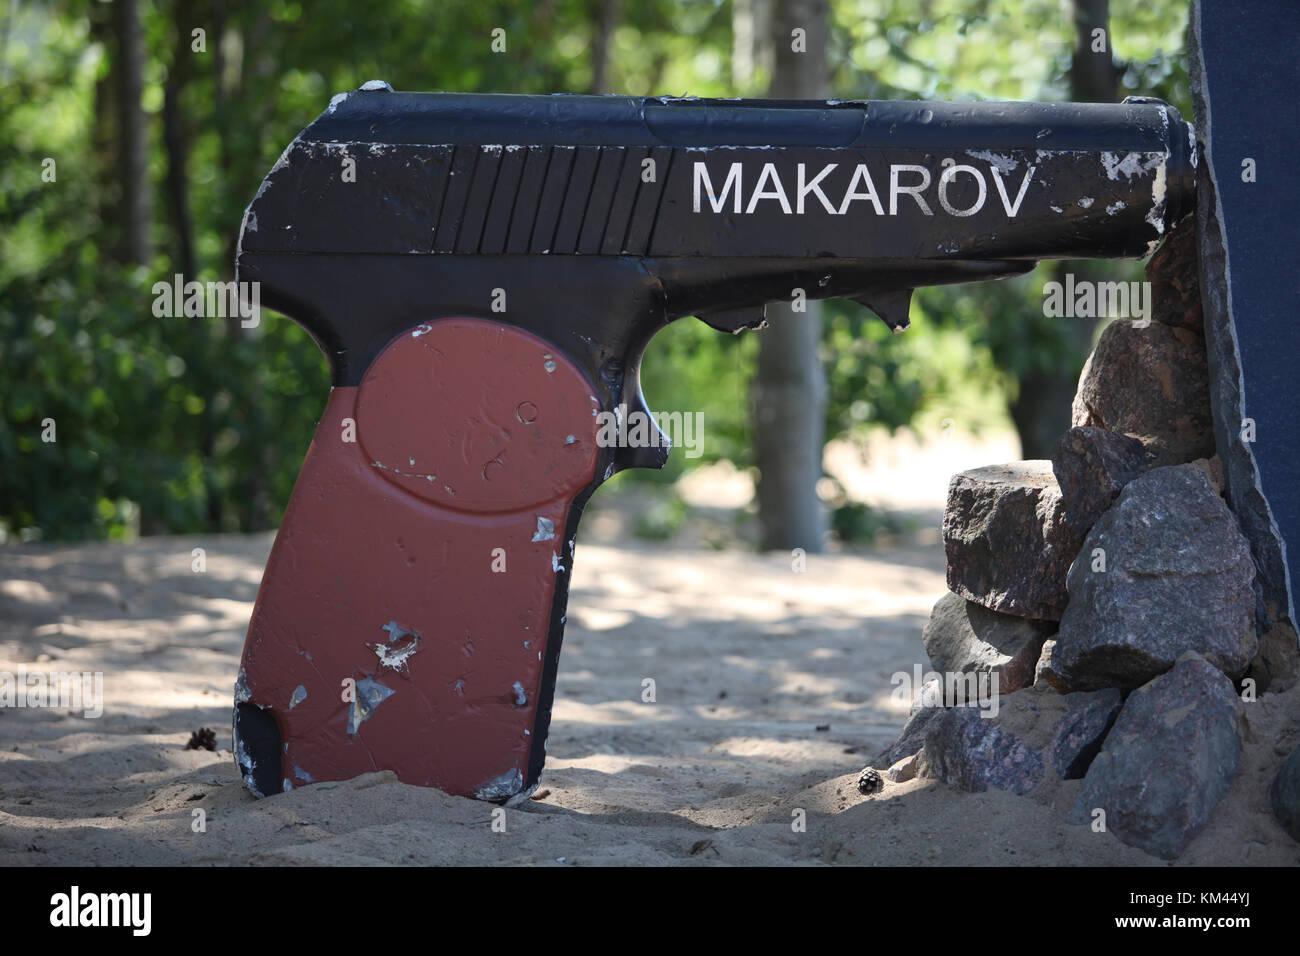 Monument Makarov pistol at the firing range - Stock Image